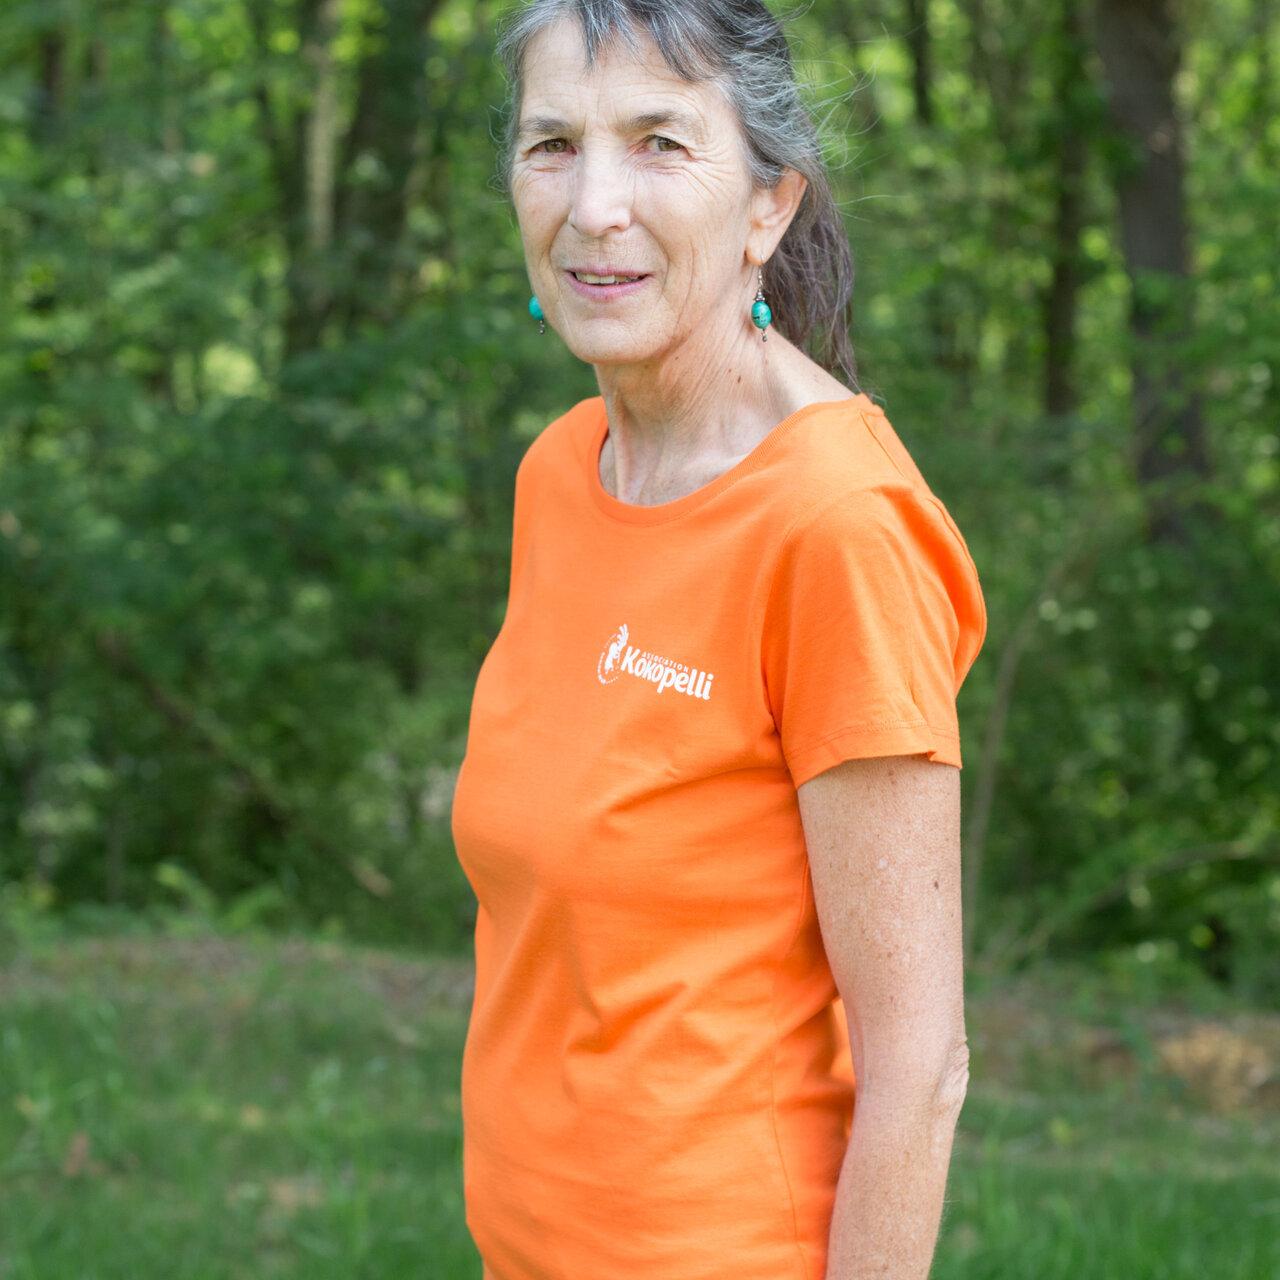 Vêtements - T-Shirt femme orange, taille M